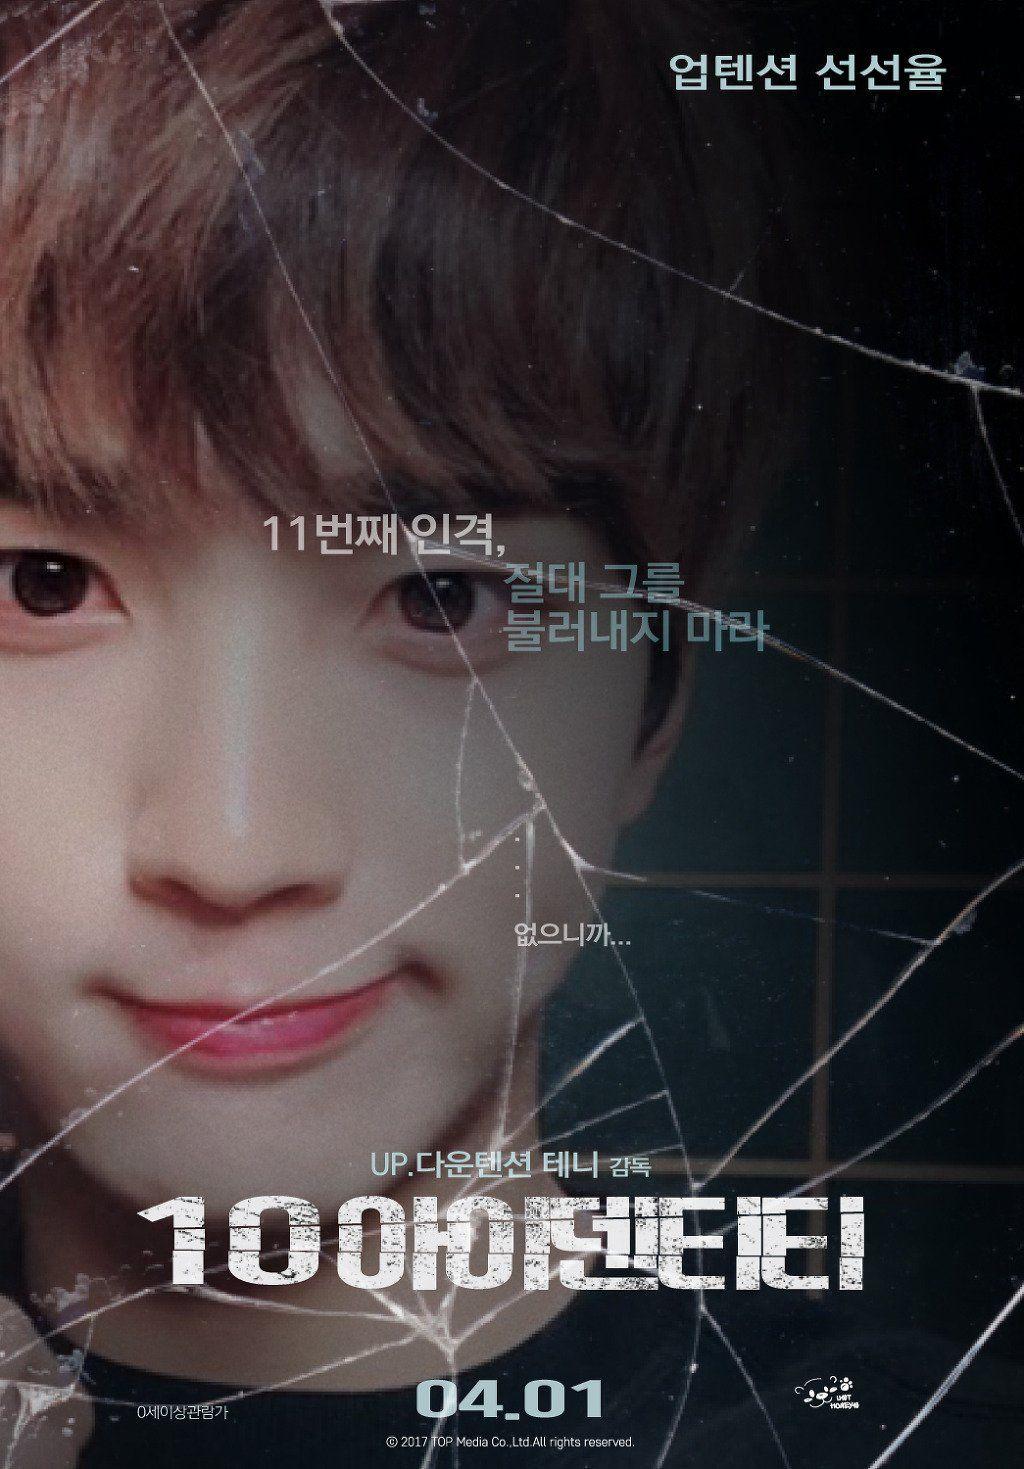 [10TION NOTE] 170401 #10Identity starring UP10TION #SeonSunyoul #sunyoul